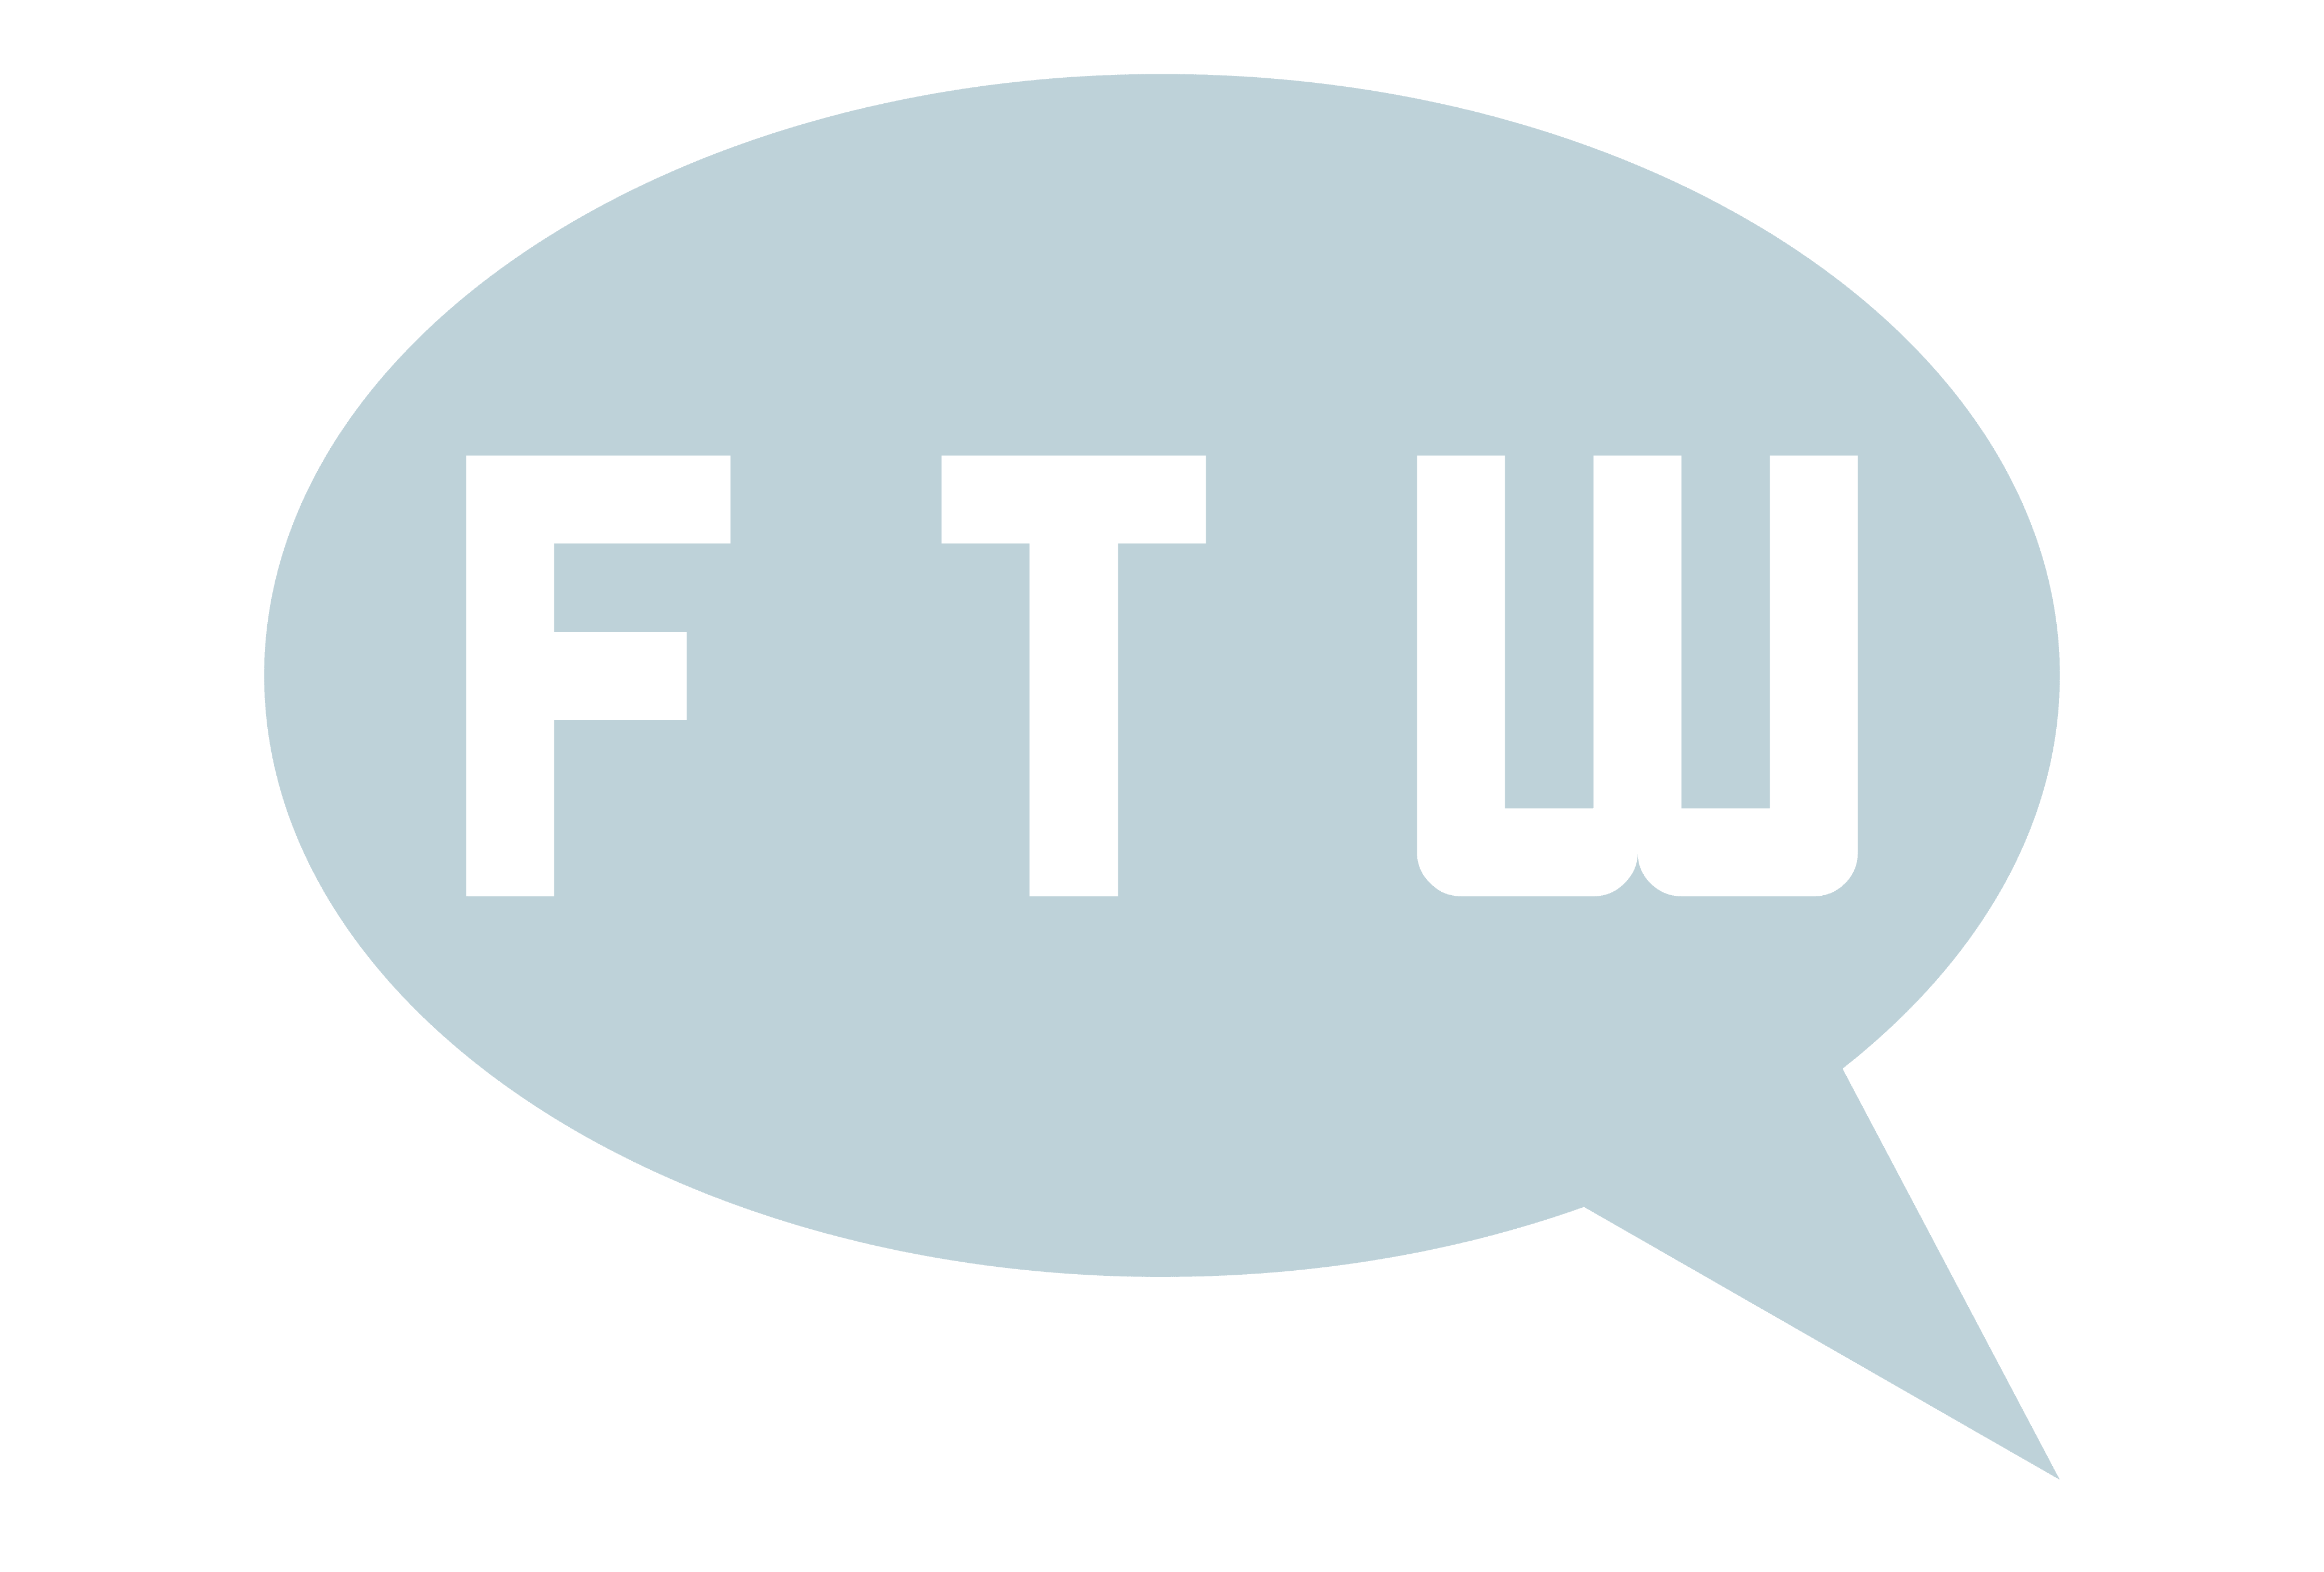 Cartoon word balloon with